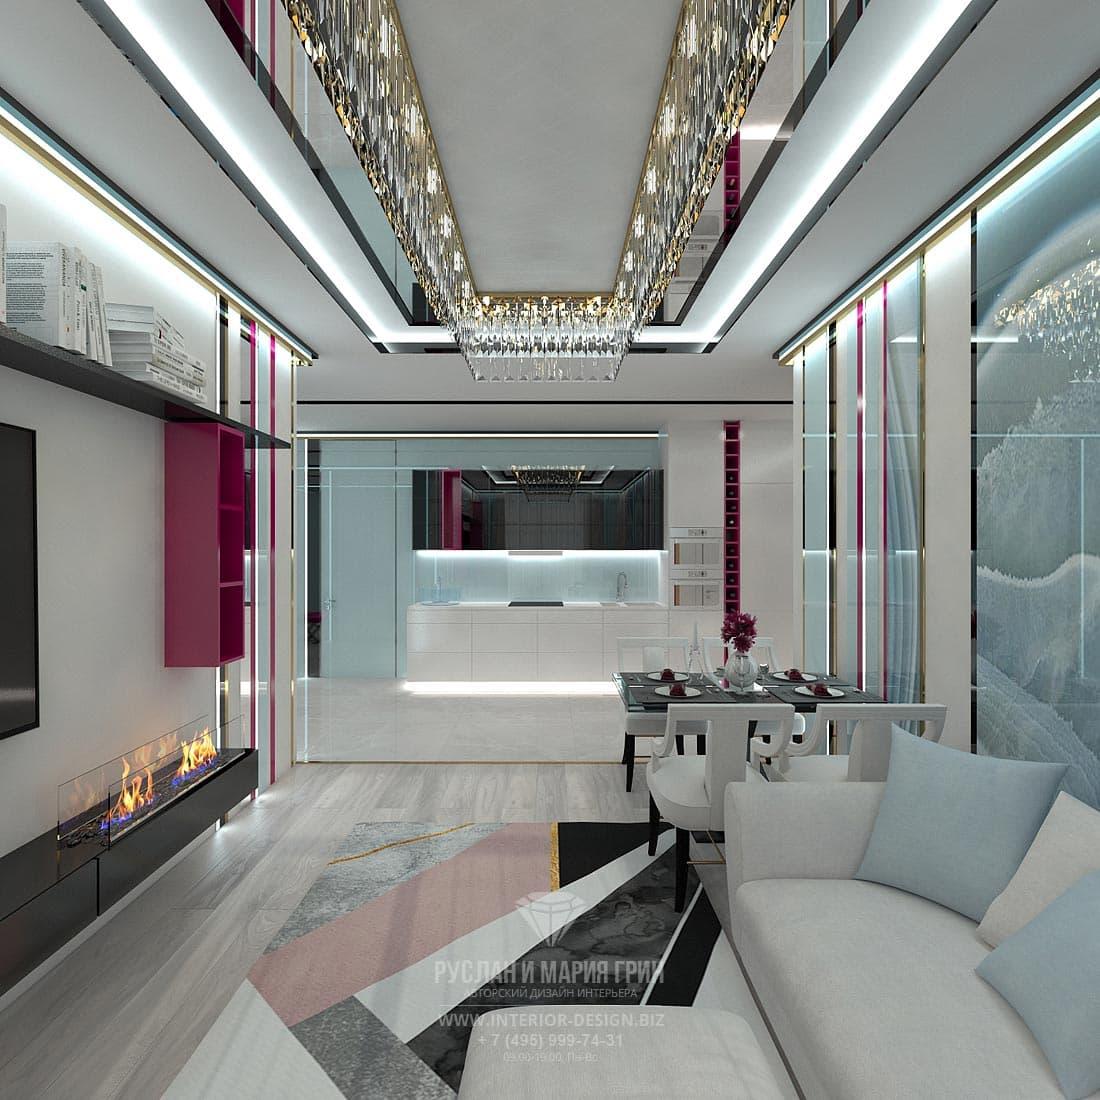 2018 Interior Decorator Cost Calculator: Красивые интерьеры квартир в современном стиле. 22 фото